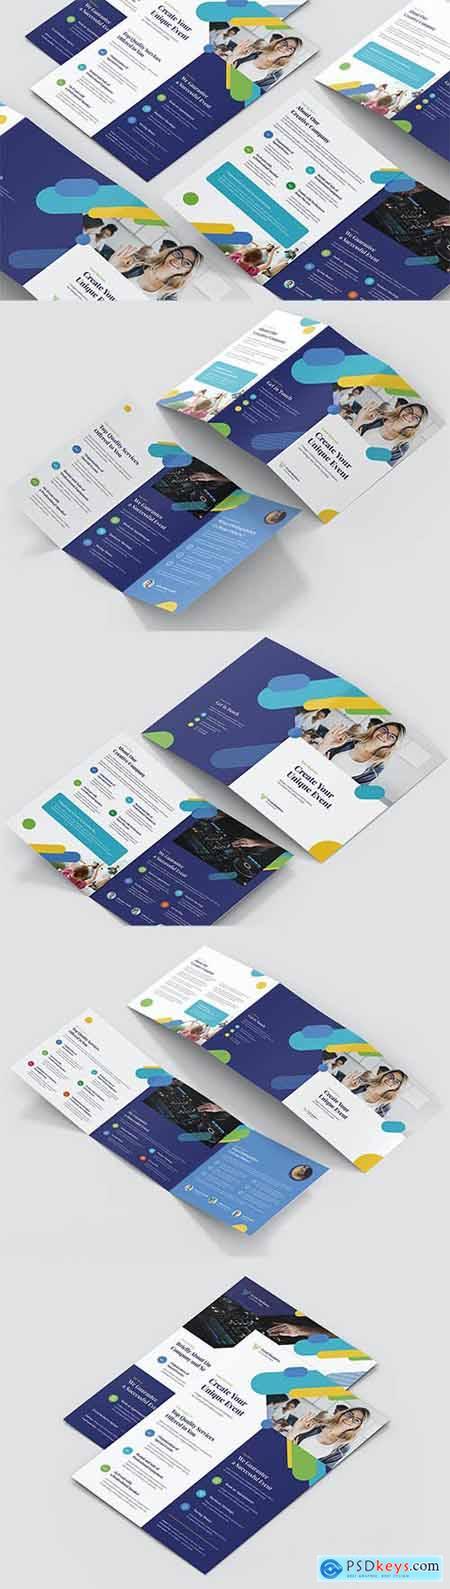 Event Business – Brochures Bundle Print Templates